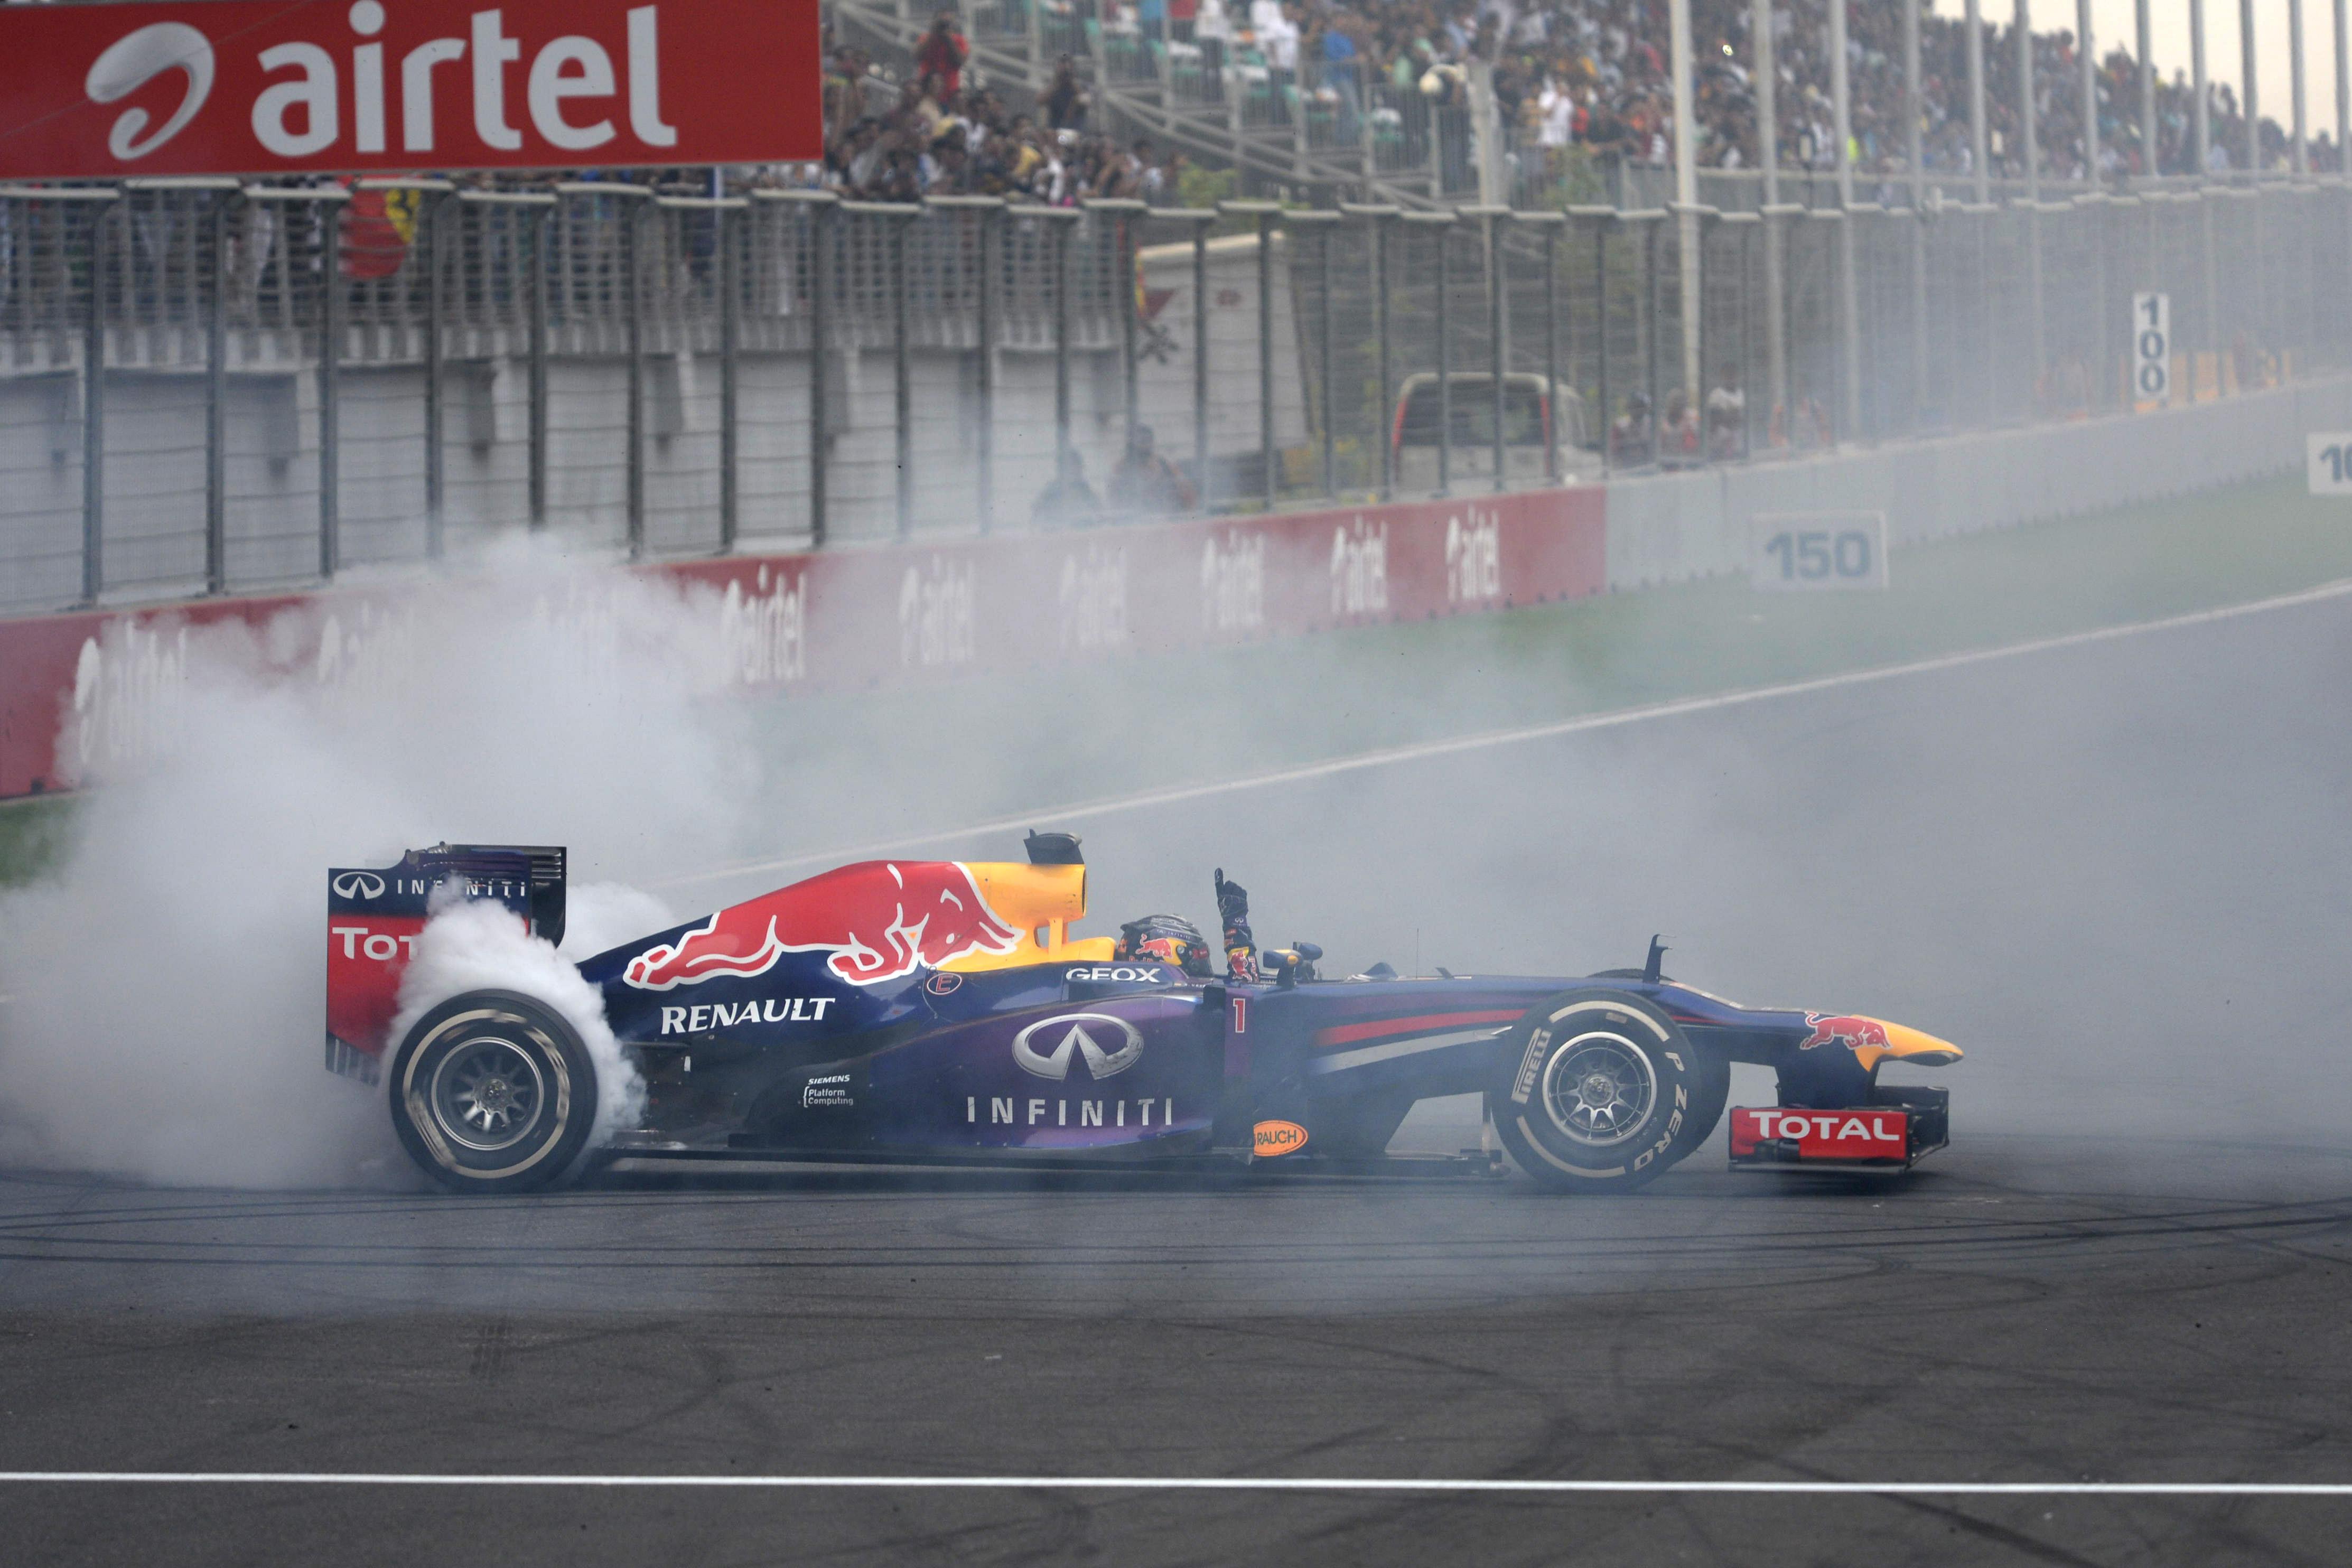 F1 – INDIA GRAND PRIX 2013